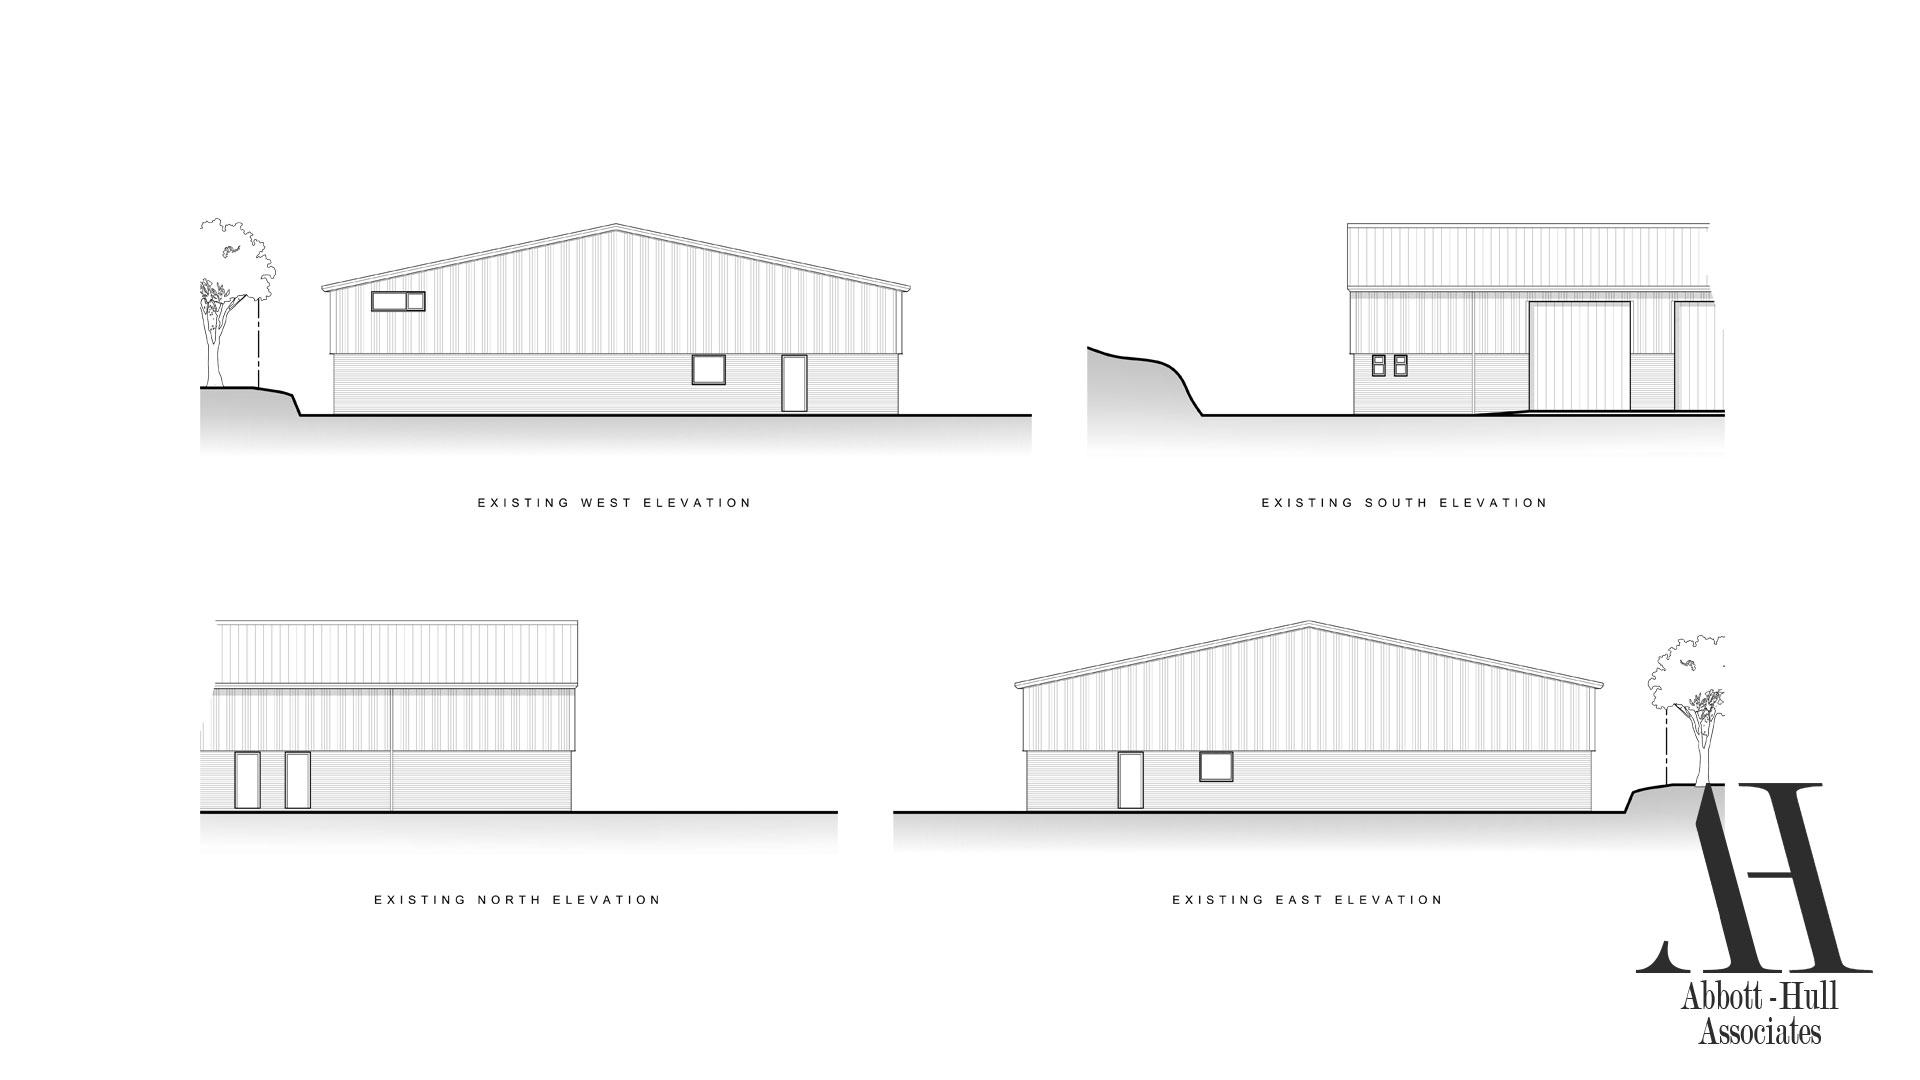 Unit 9 Wyrefields, Poulton Industrial Estate - Existing Elevations